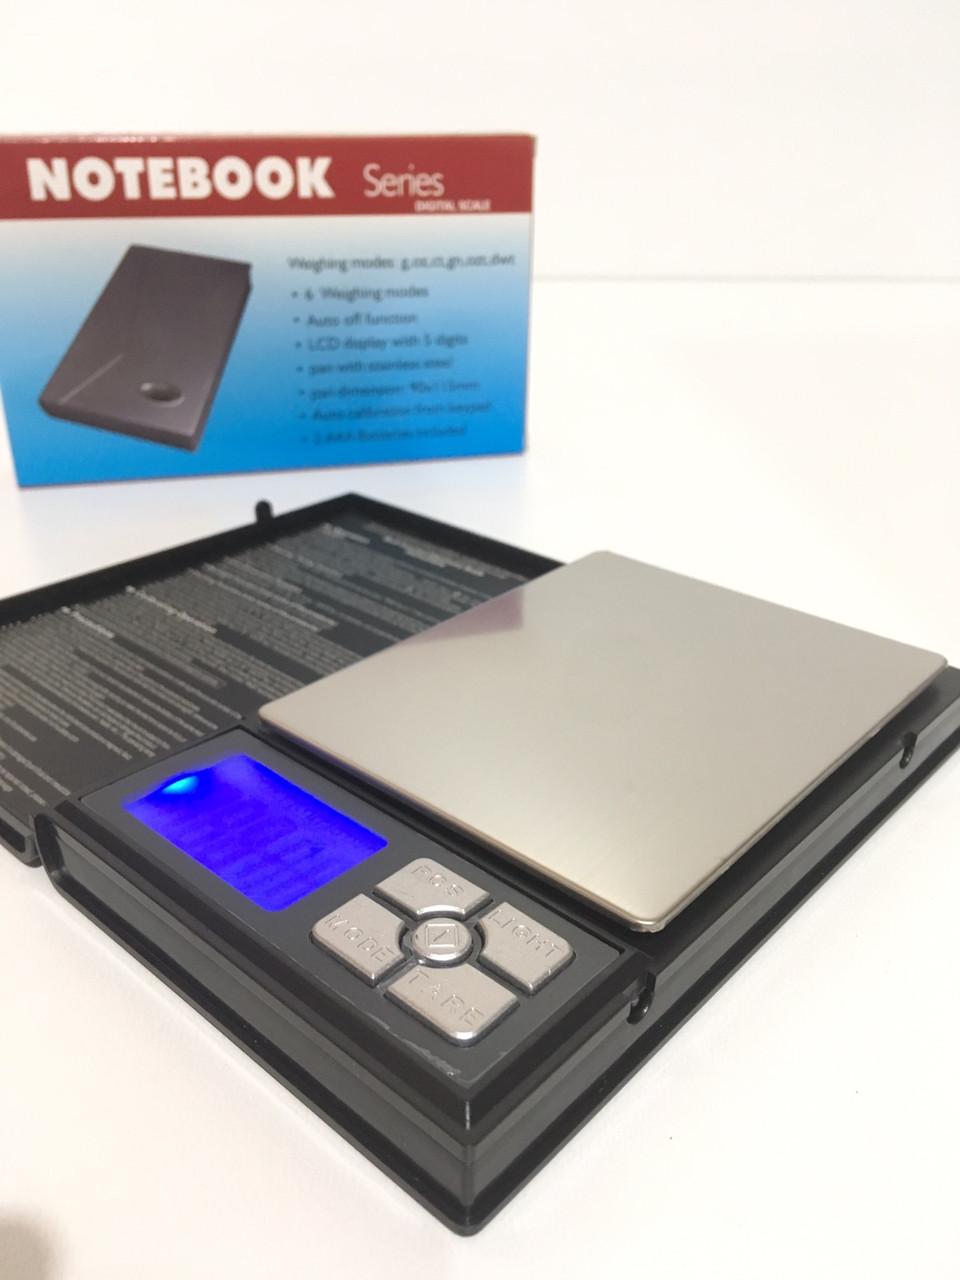 Весы ювелирные NOTEBOOK VS-1108-20/ 2kg-01 (50 шт/ящ)